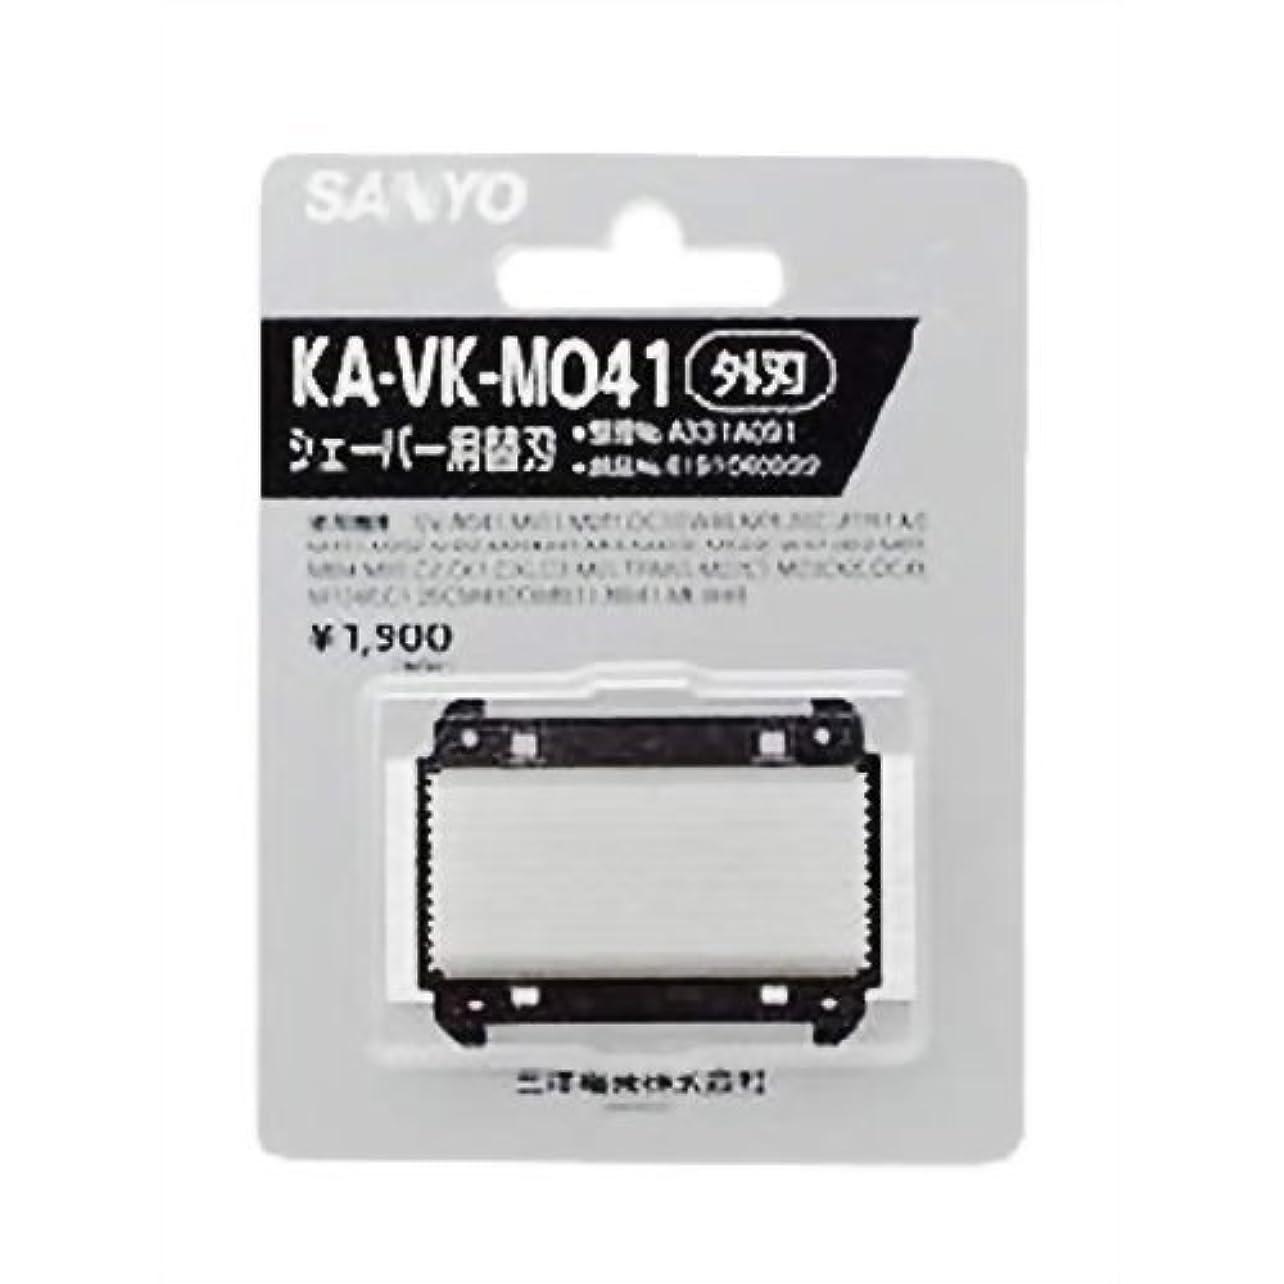 聞く砂漠ピジンSANYO シェーバー用替刃 外刃 KA-VK-M041